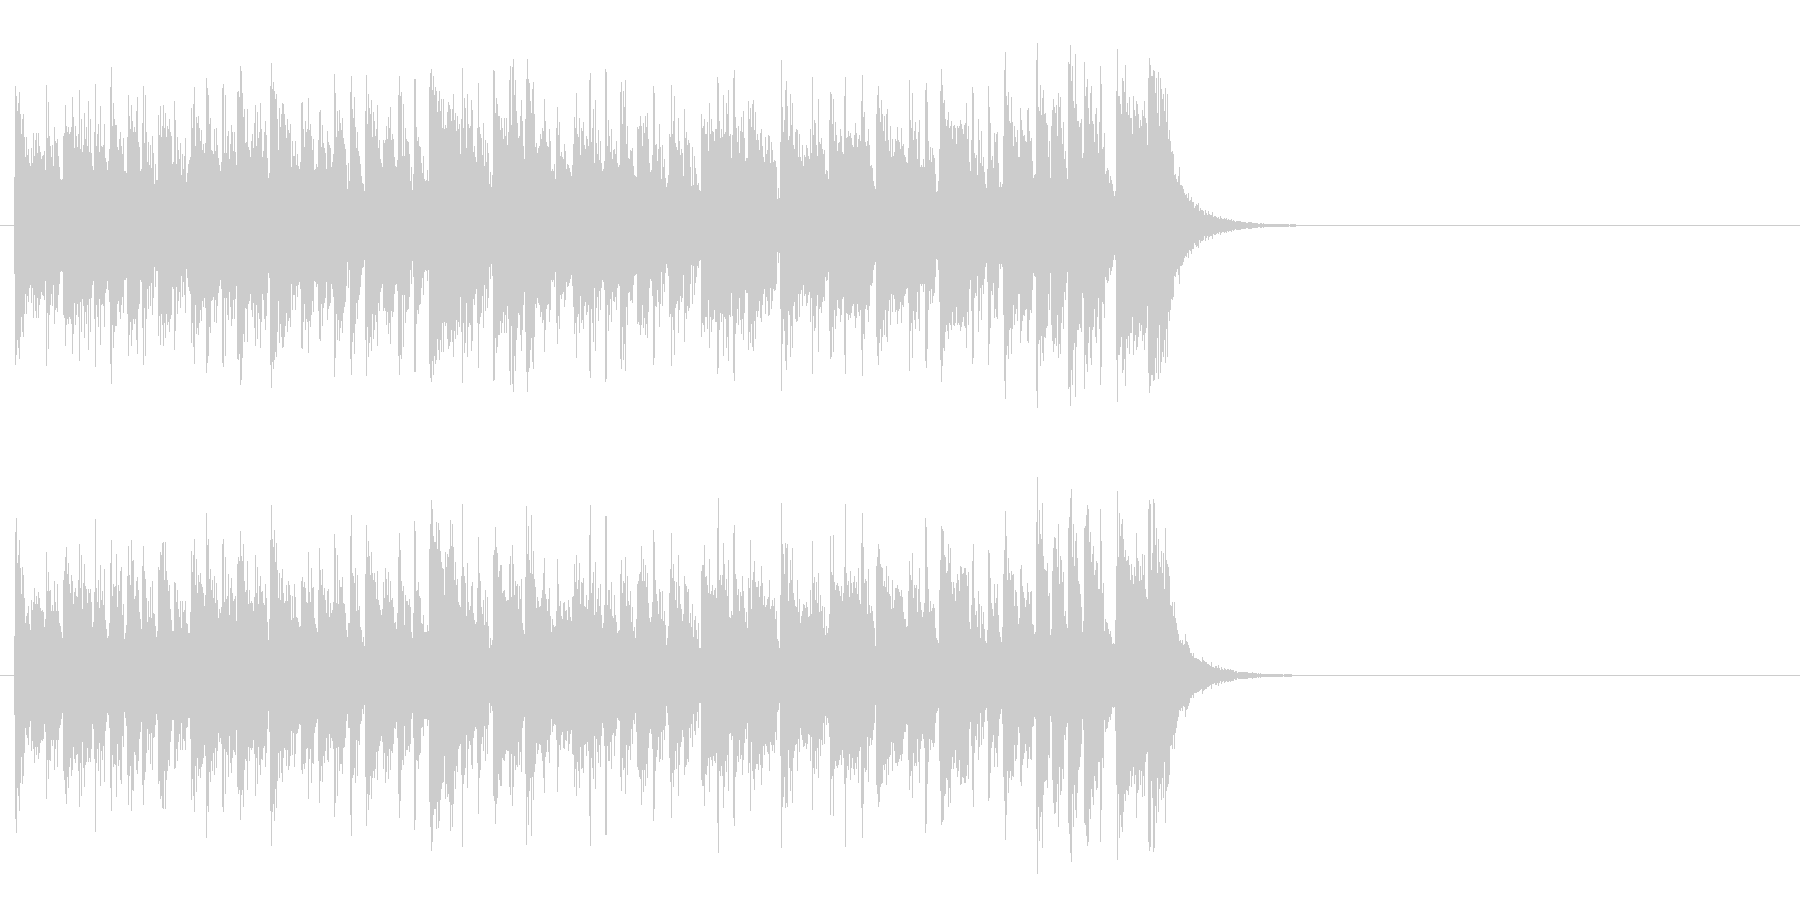 元気ハツラツOPポップス(イントロ)の未再生の波形